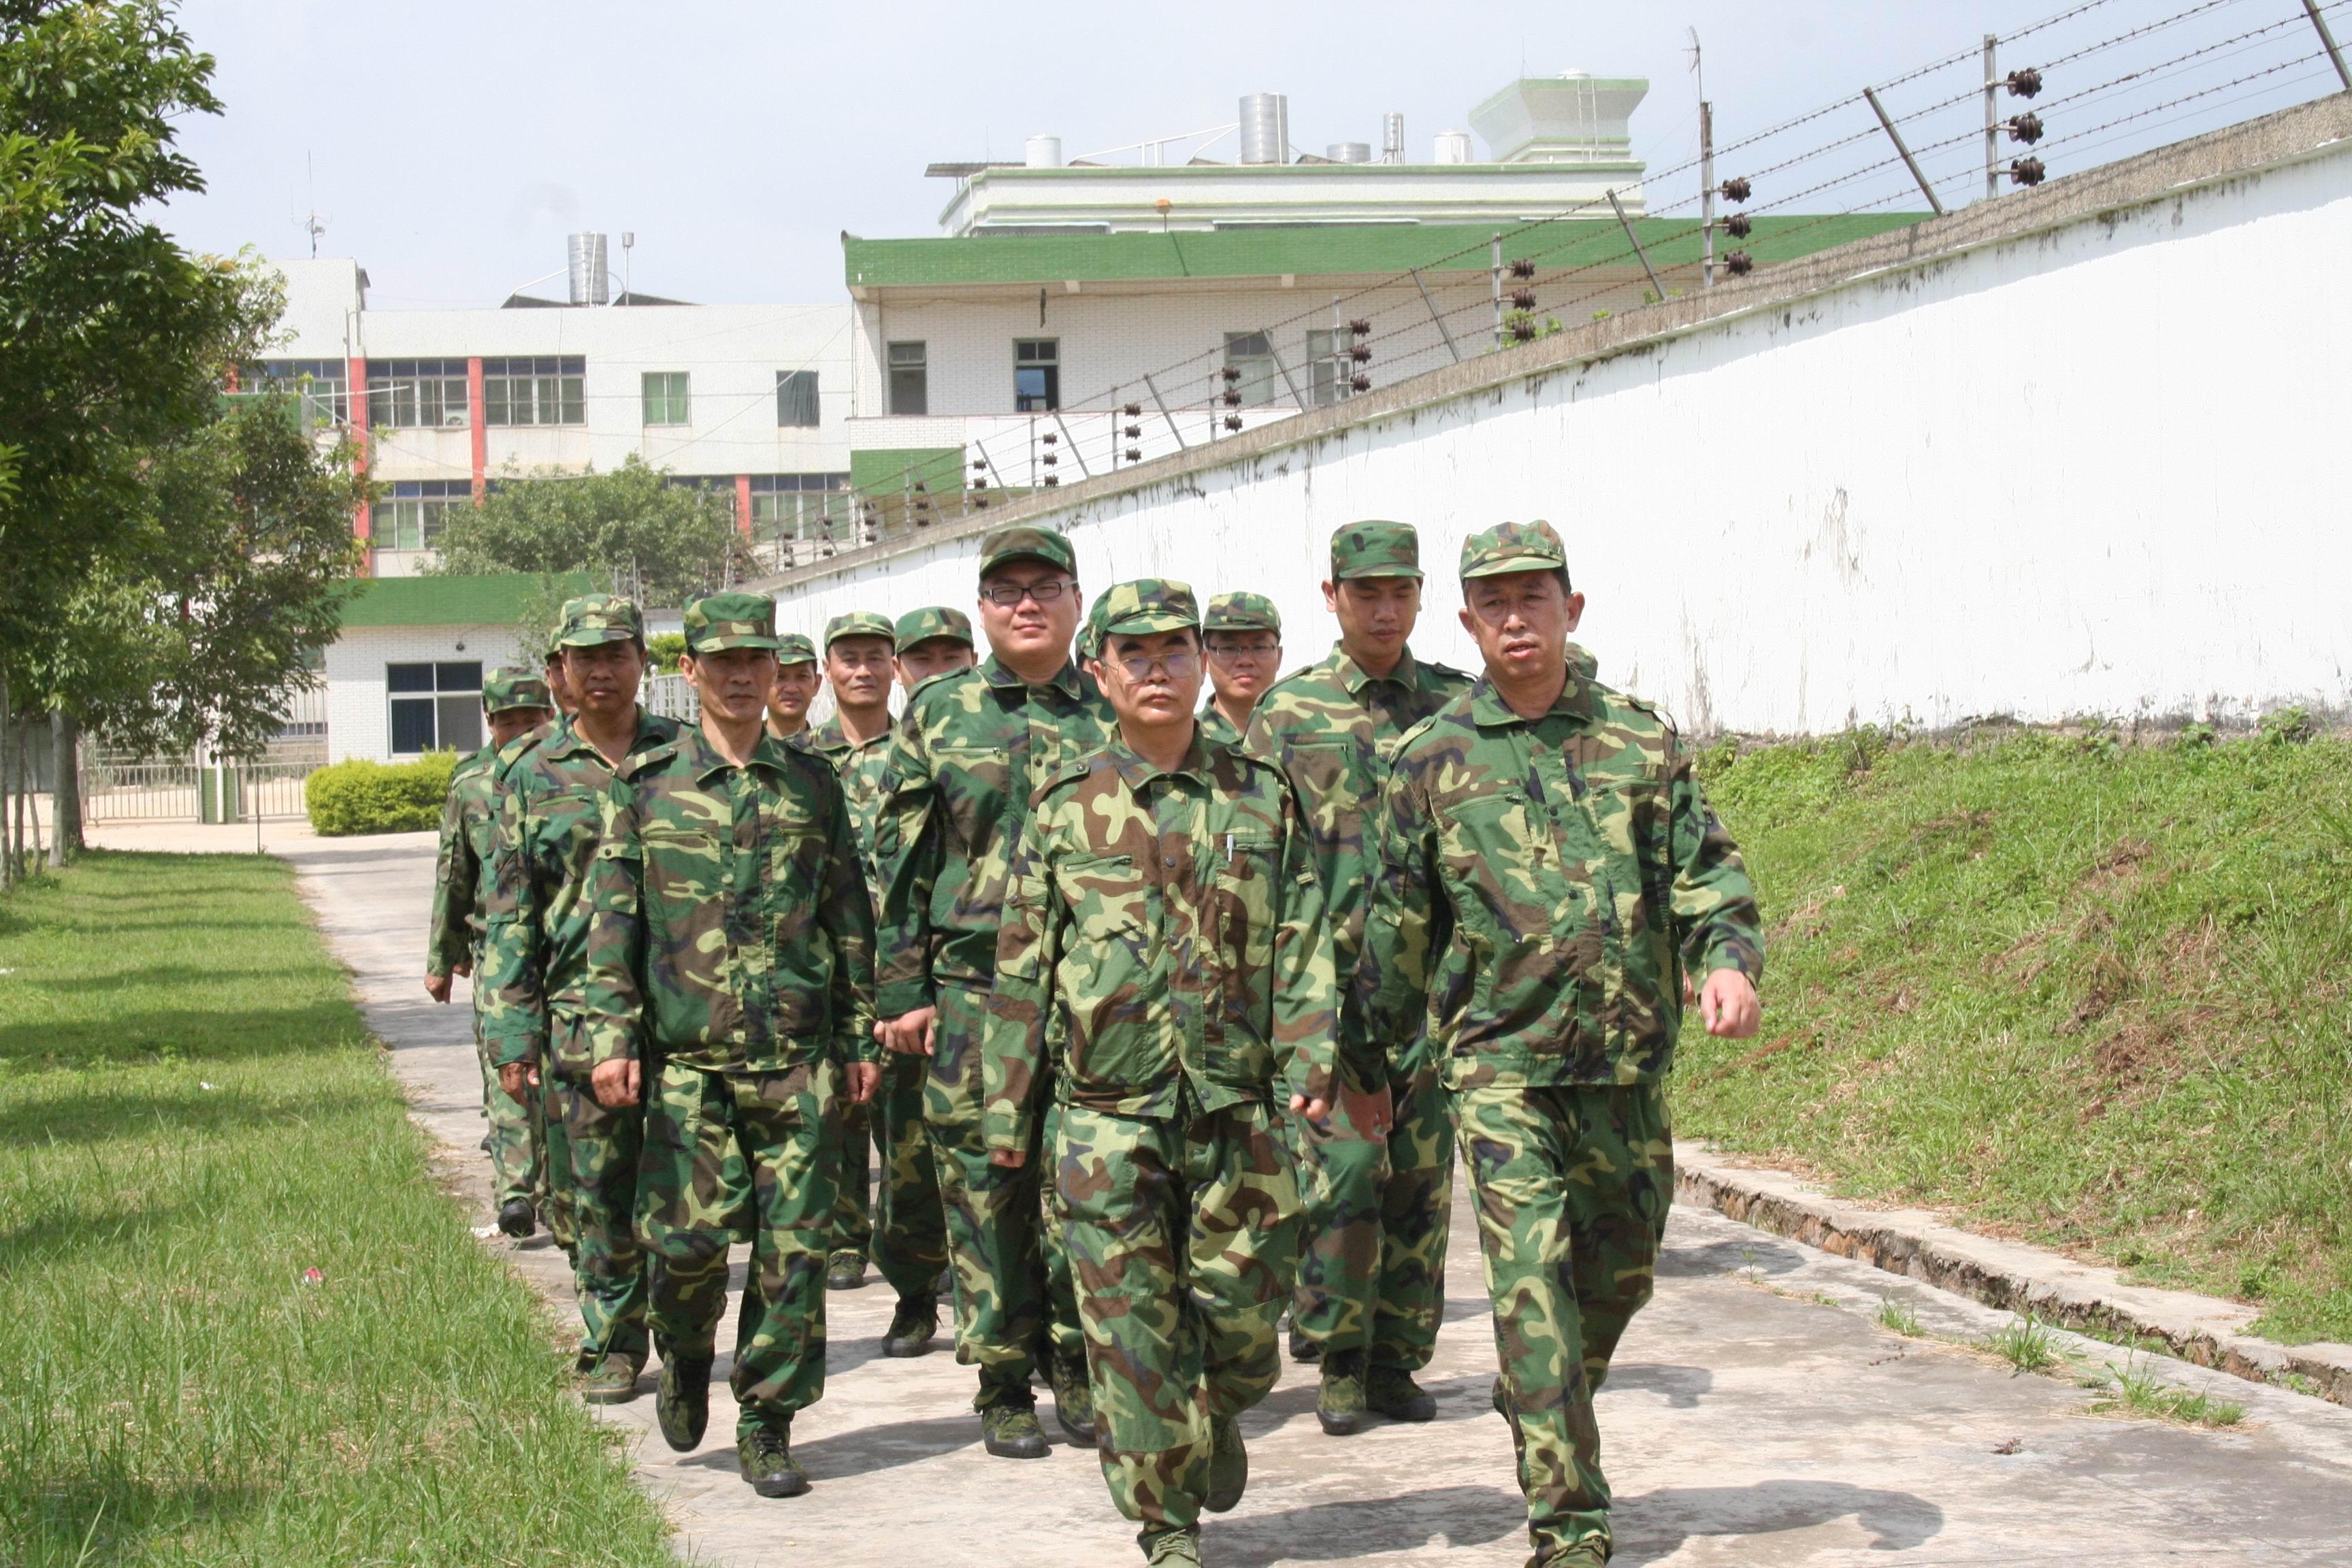 7月23日,潮州军分区司令员李庆文和参谋长刘胜国专门赶赴训练现场,在市人防办杨楚鹏主任的陪同下,检阅和检查了人防机关训练队伍。李司令员充分肯定了人防机关的训练活动成效,并对全体干部职工表示了慰问。他强调,人防部门作为未来反空袭的重要职能部门,平时担负着人防队伍的组织建设、人防设施的建设管理,战时担负着组织疏散、抢险救灾、人员掩蔽等职能,地位非常重要、关系异常重大。他要求我市人防部门平时要加强机关建设和队伍训练,提高整体战斗能力,确保在关键时刻能打得响、冲得上。